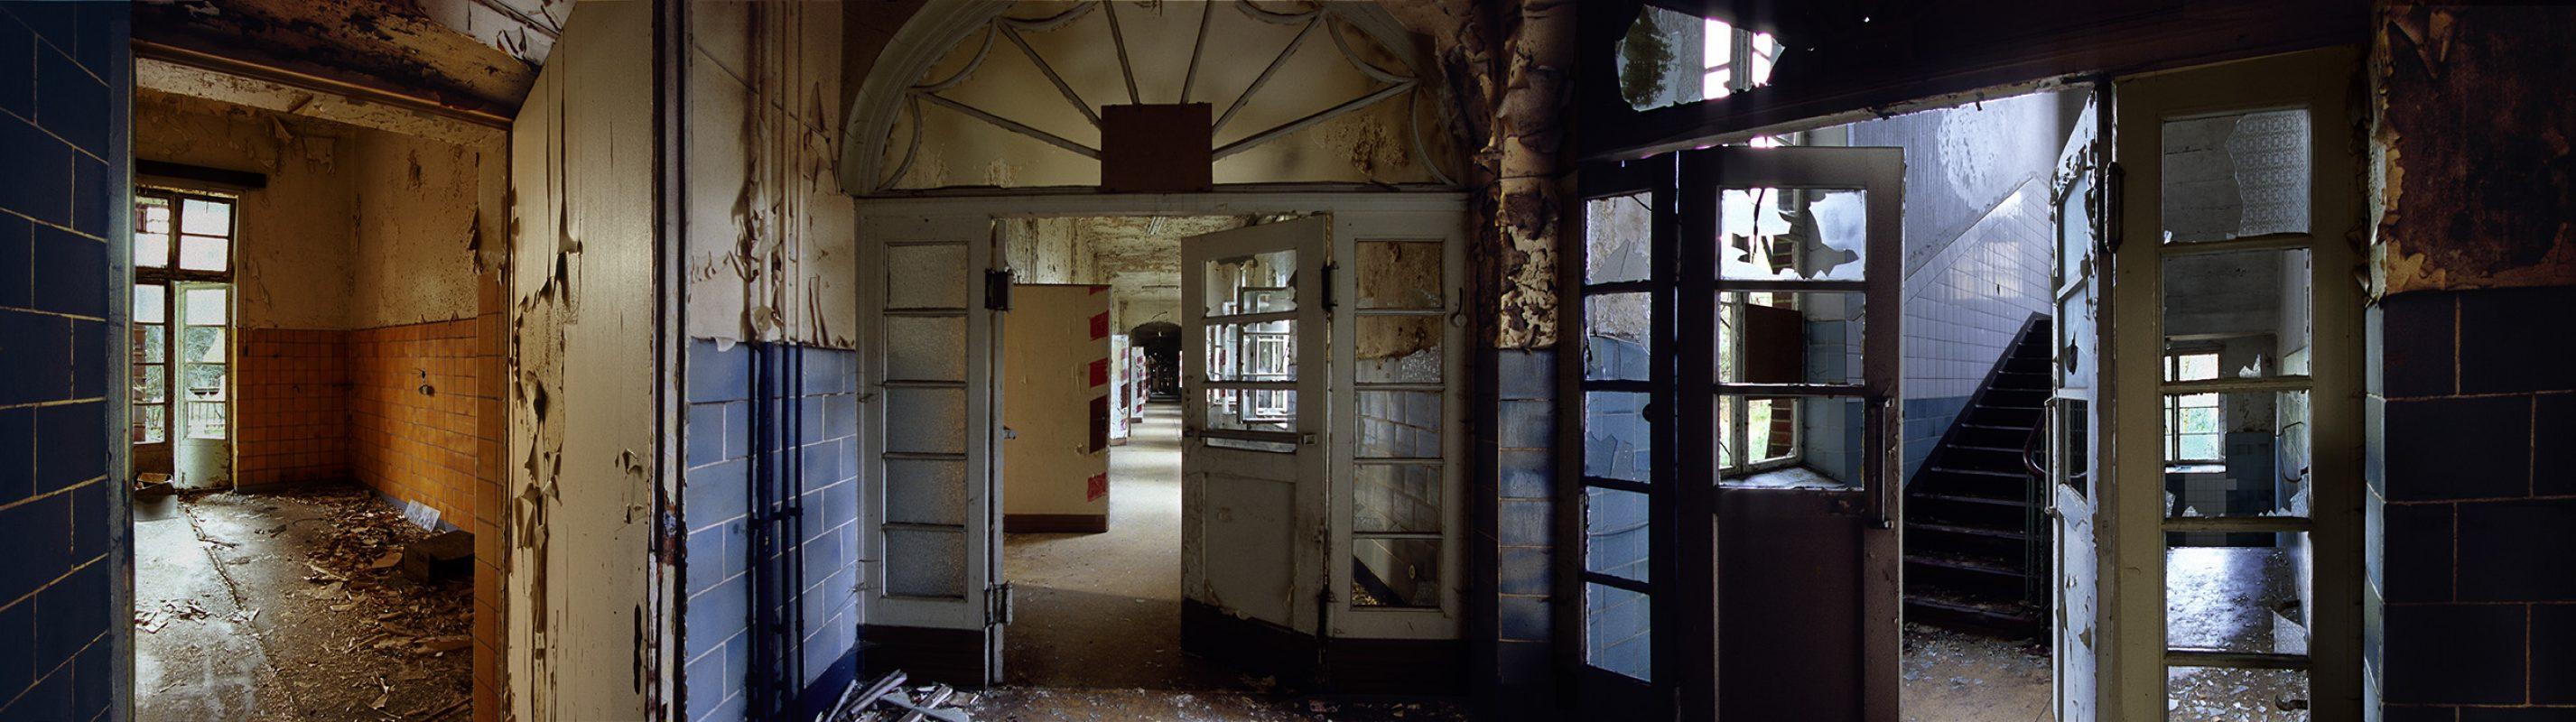 Beelitz-Heilstätten, gelbnachblau